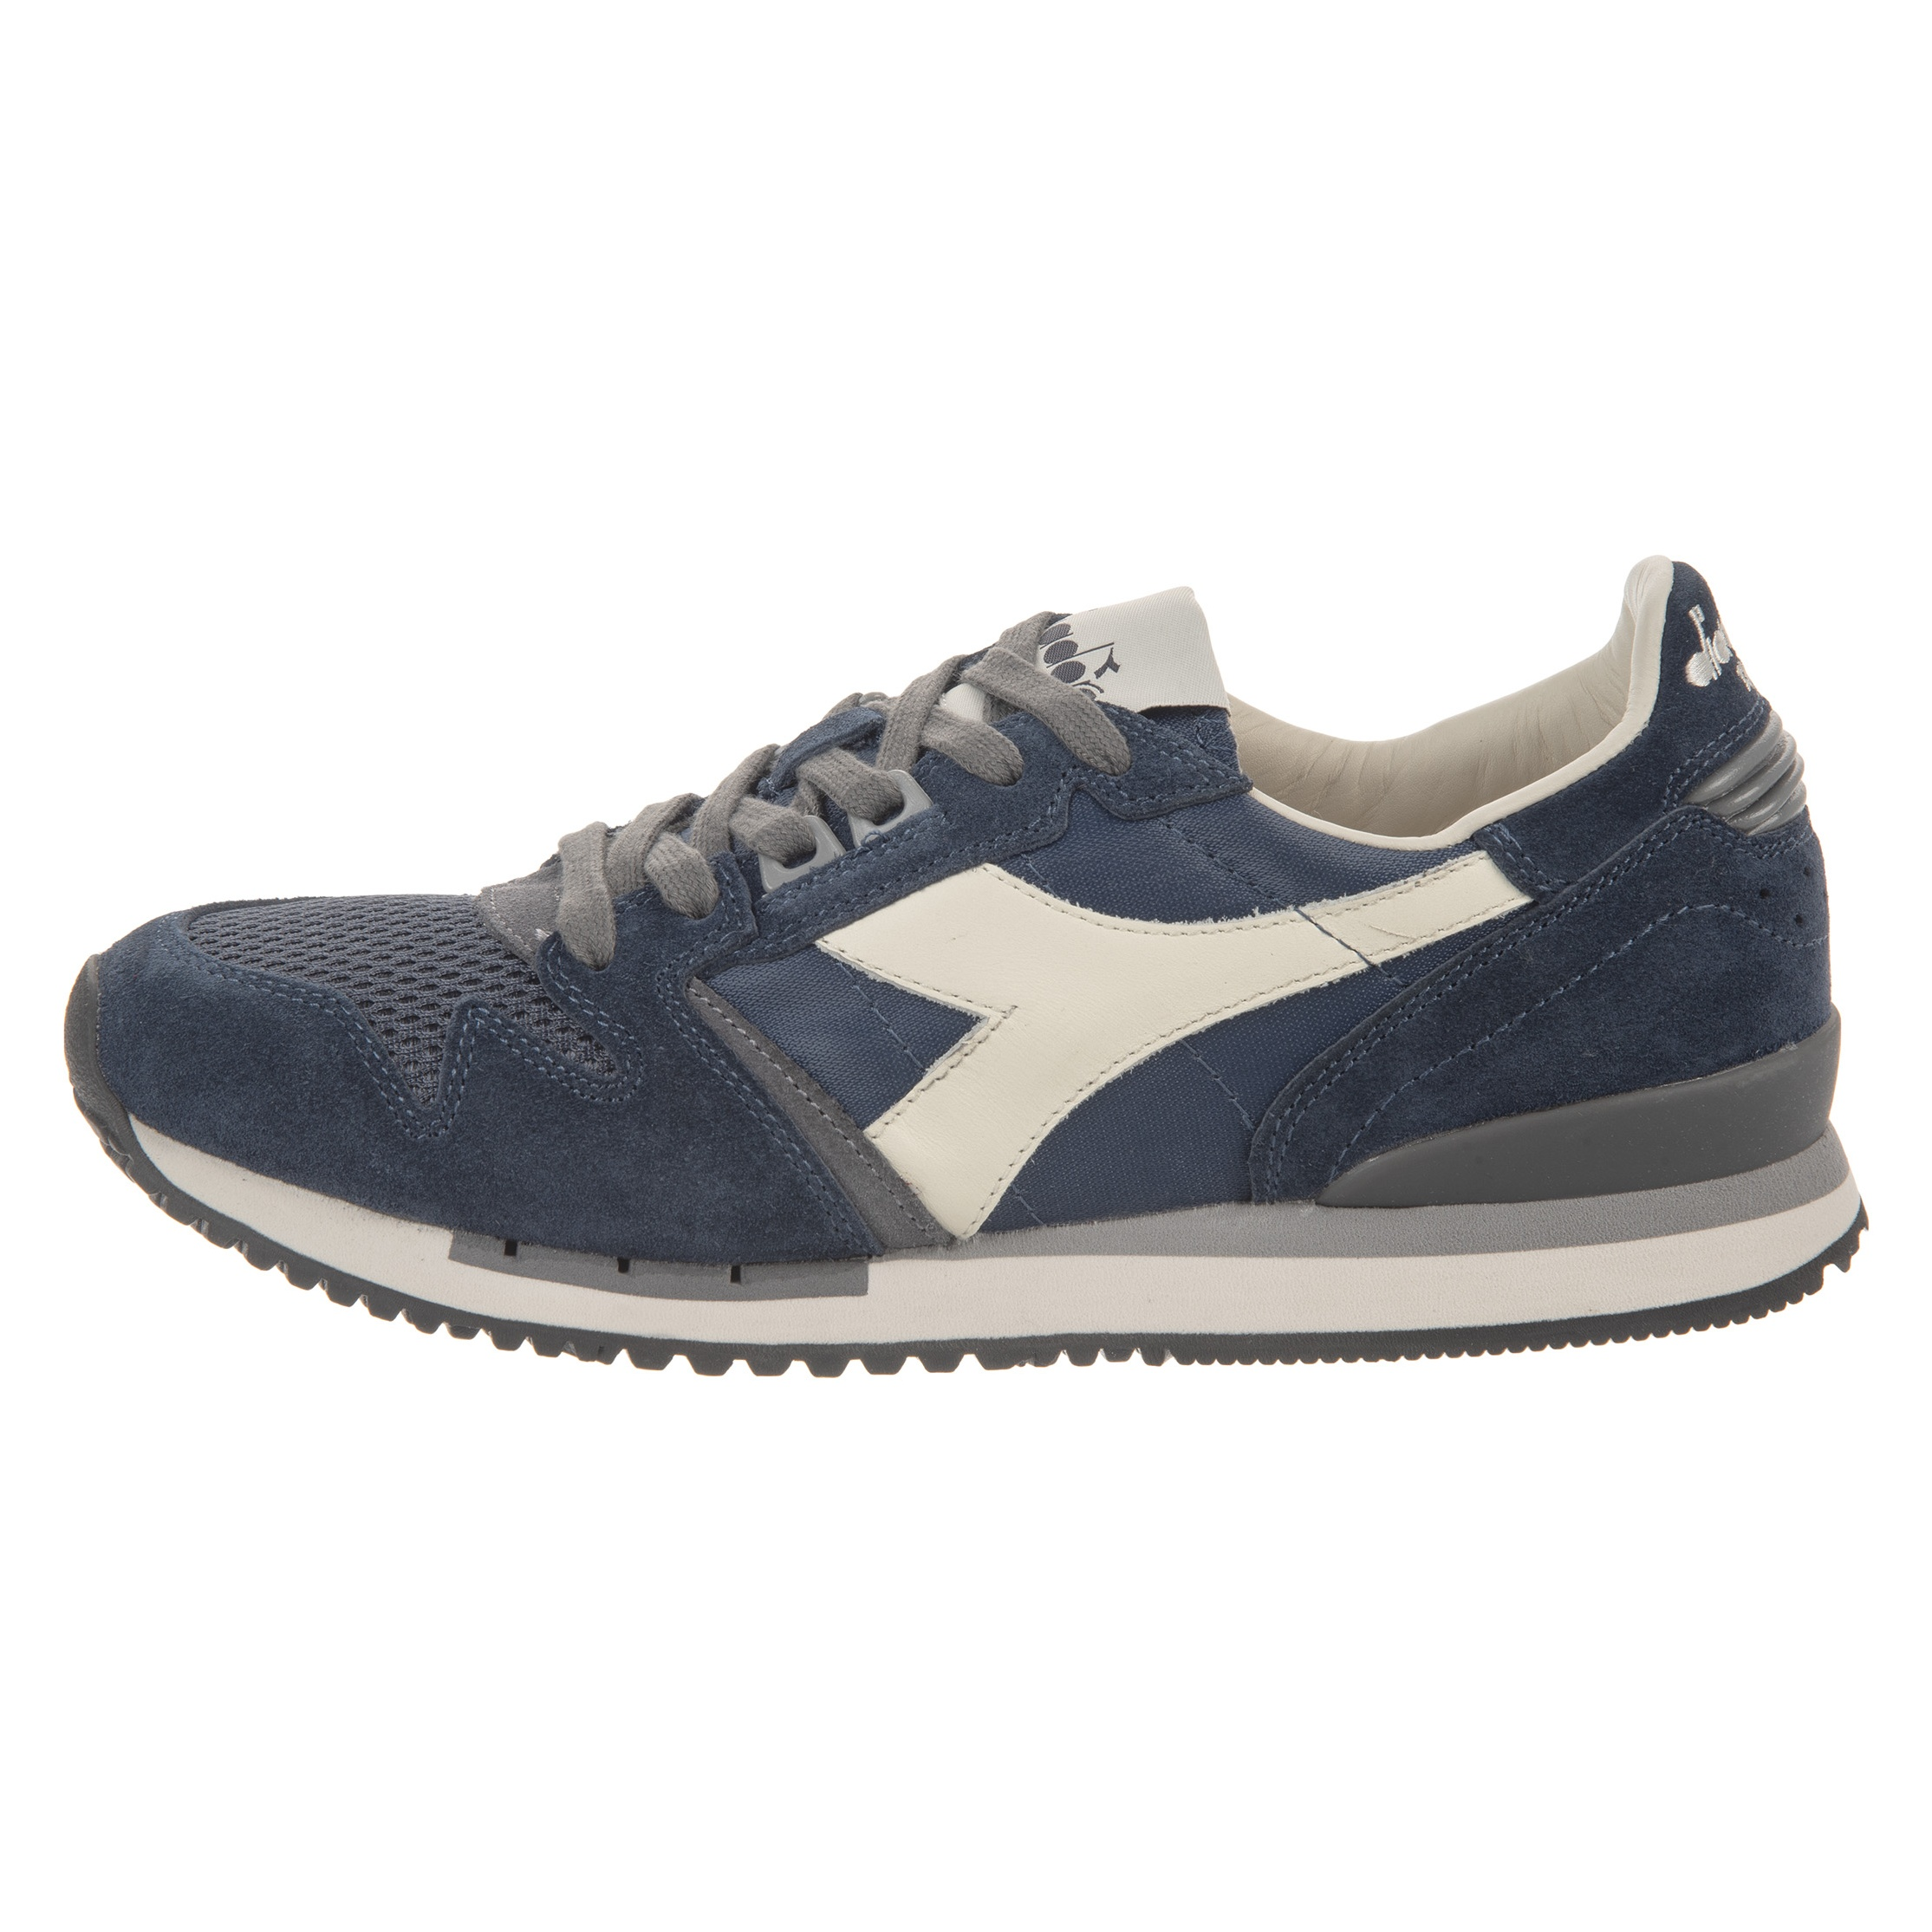 کفش مخصوص پیاده روی مردانه دیادورا کد exodus nyl 5961